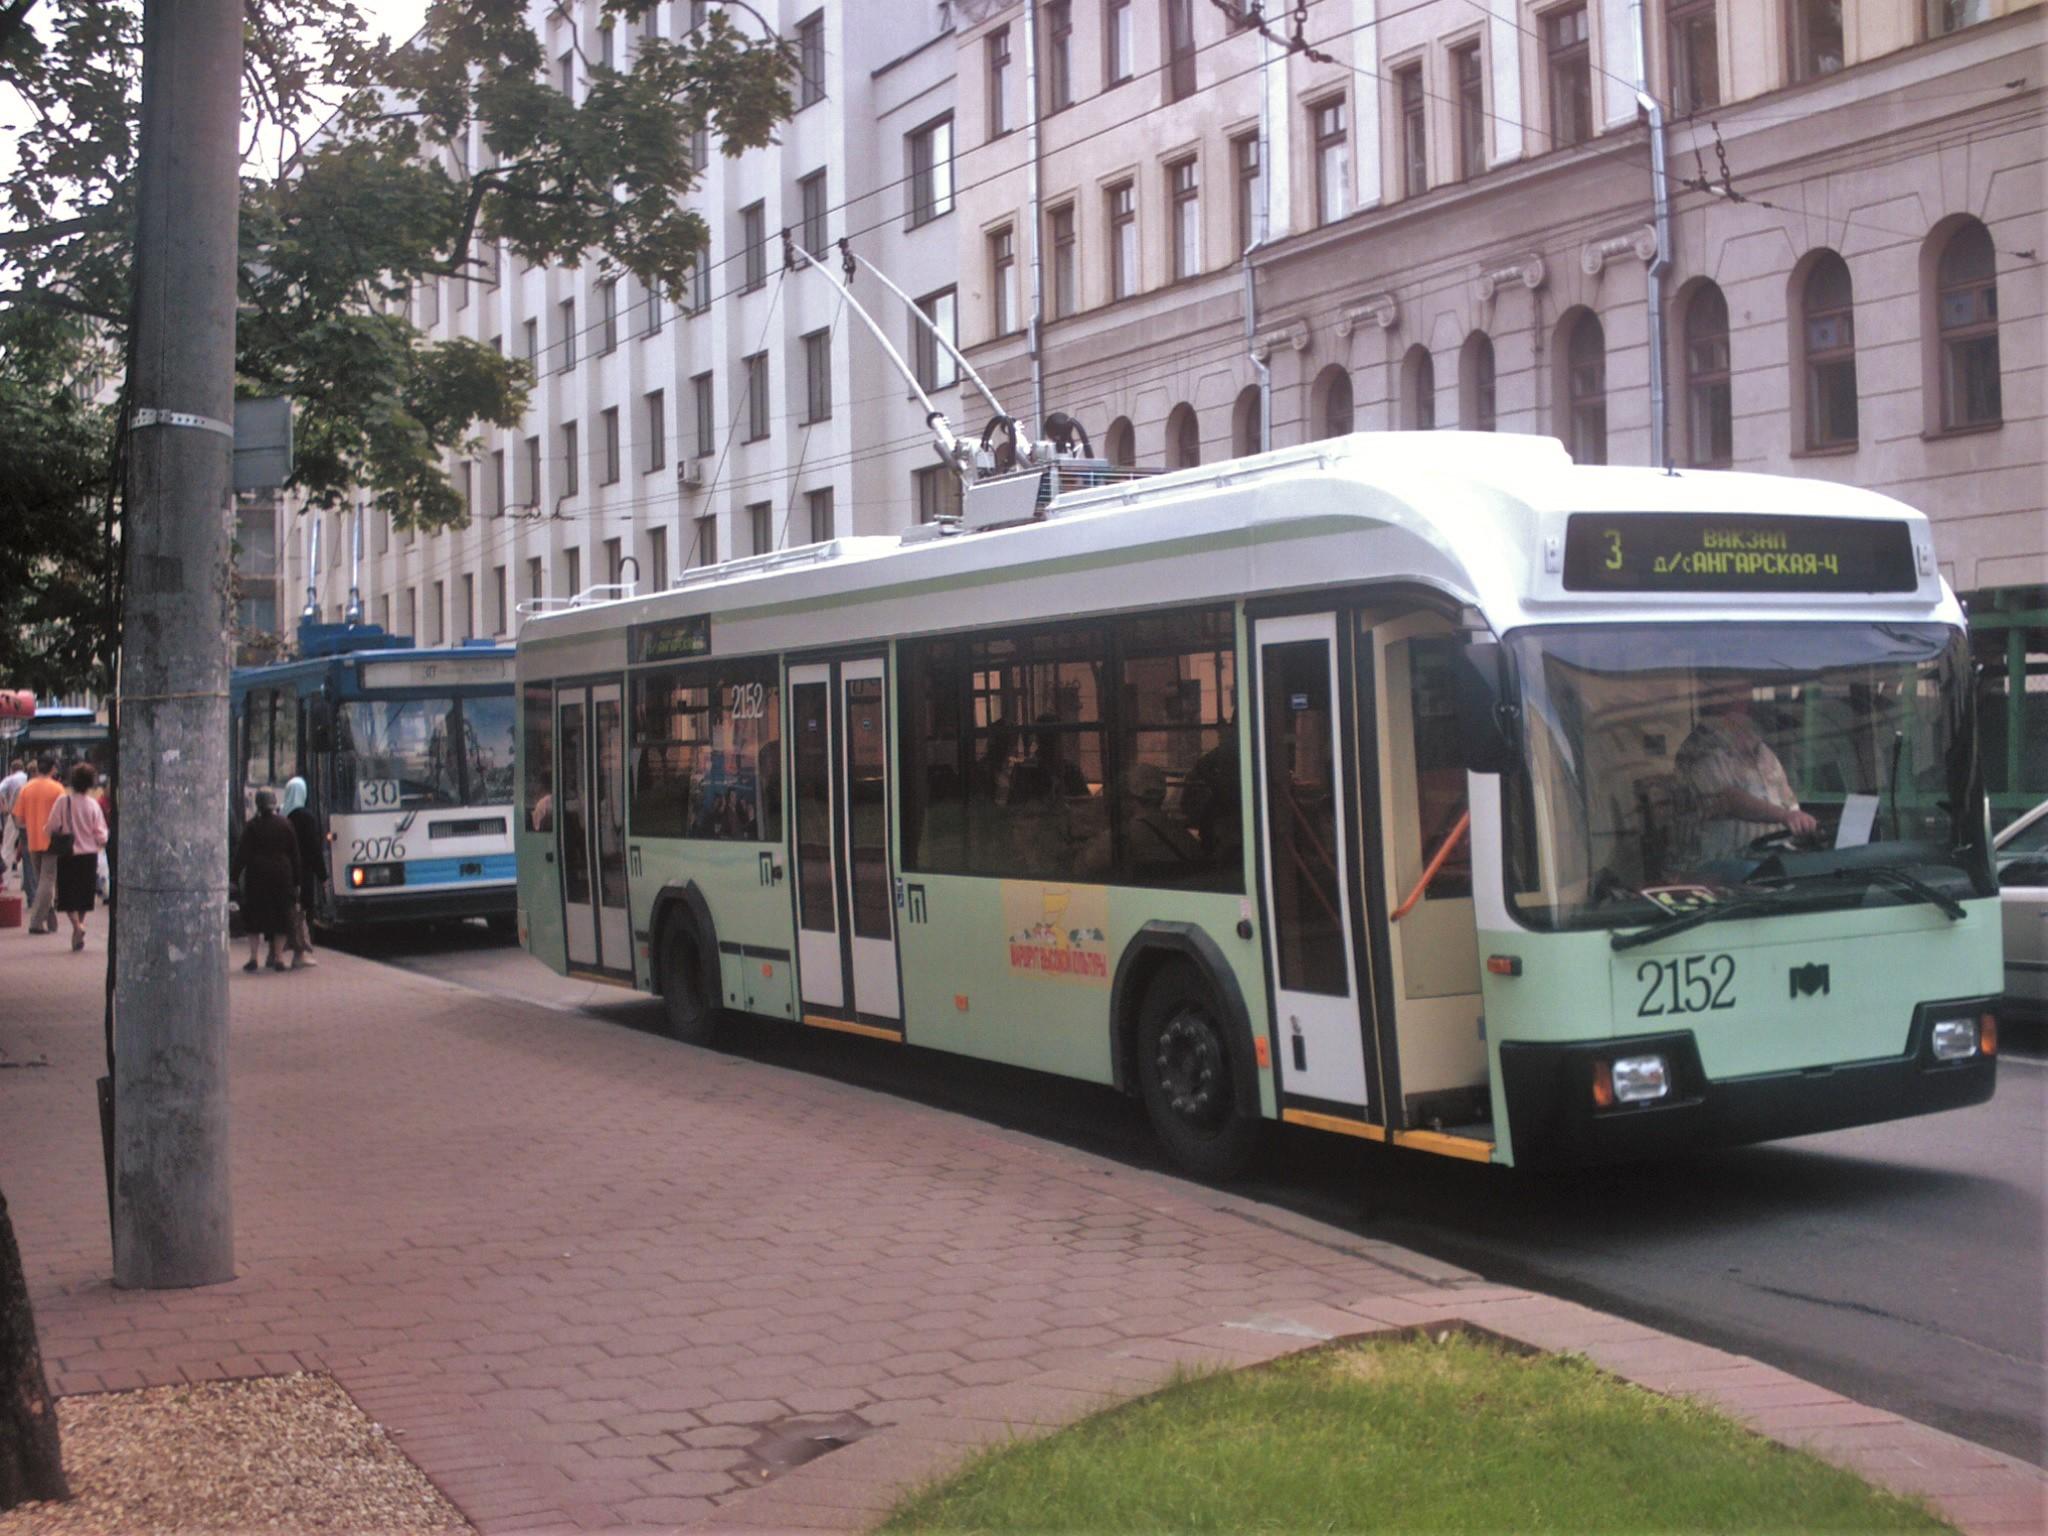 Tram minsk.jpg